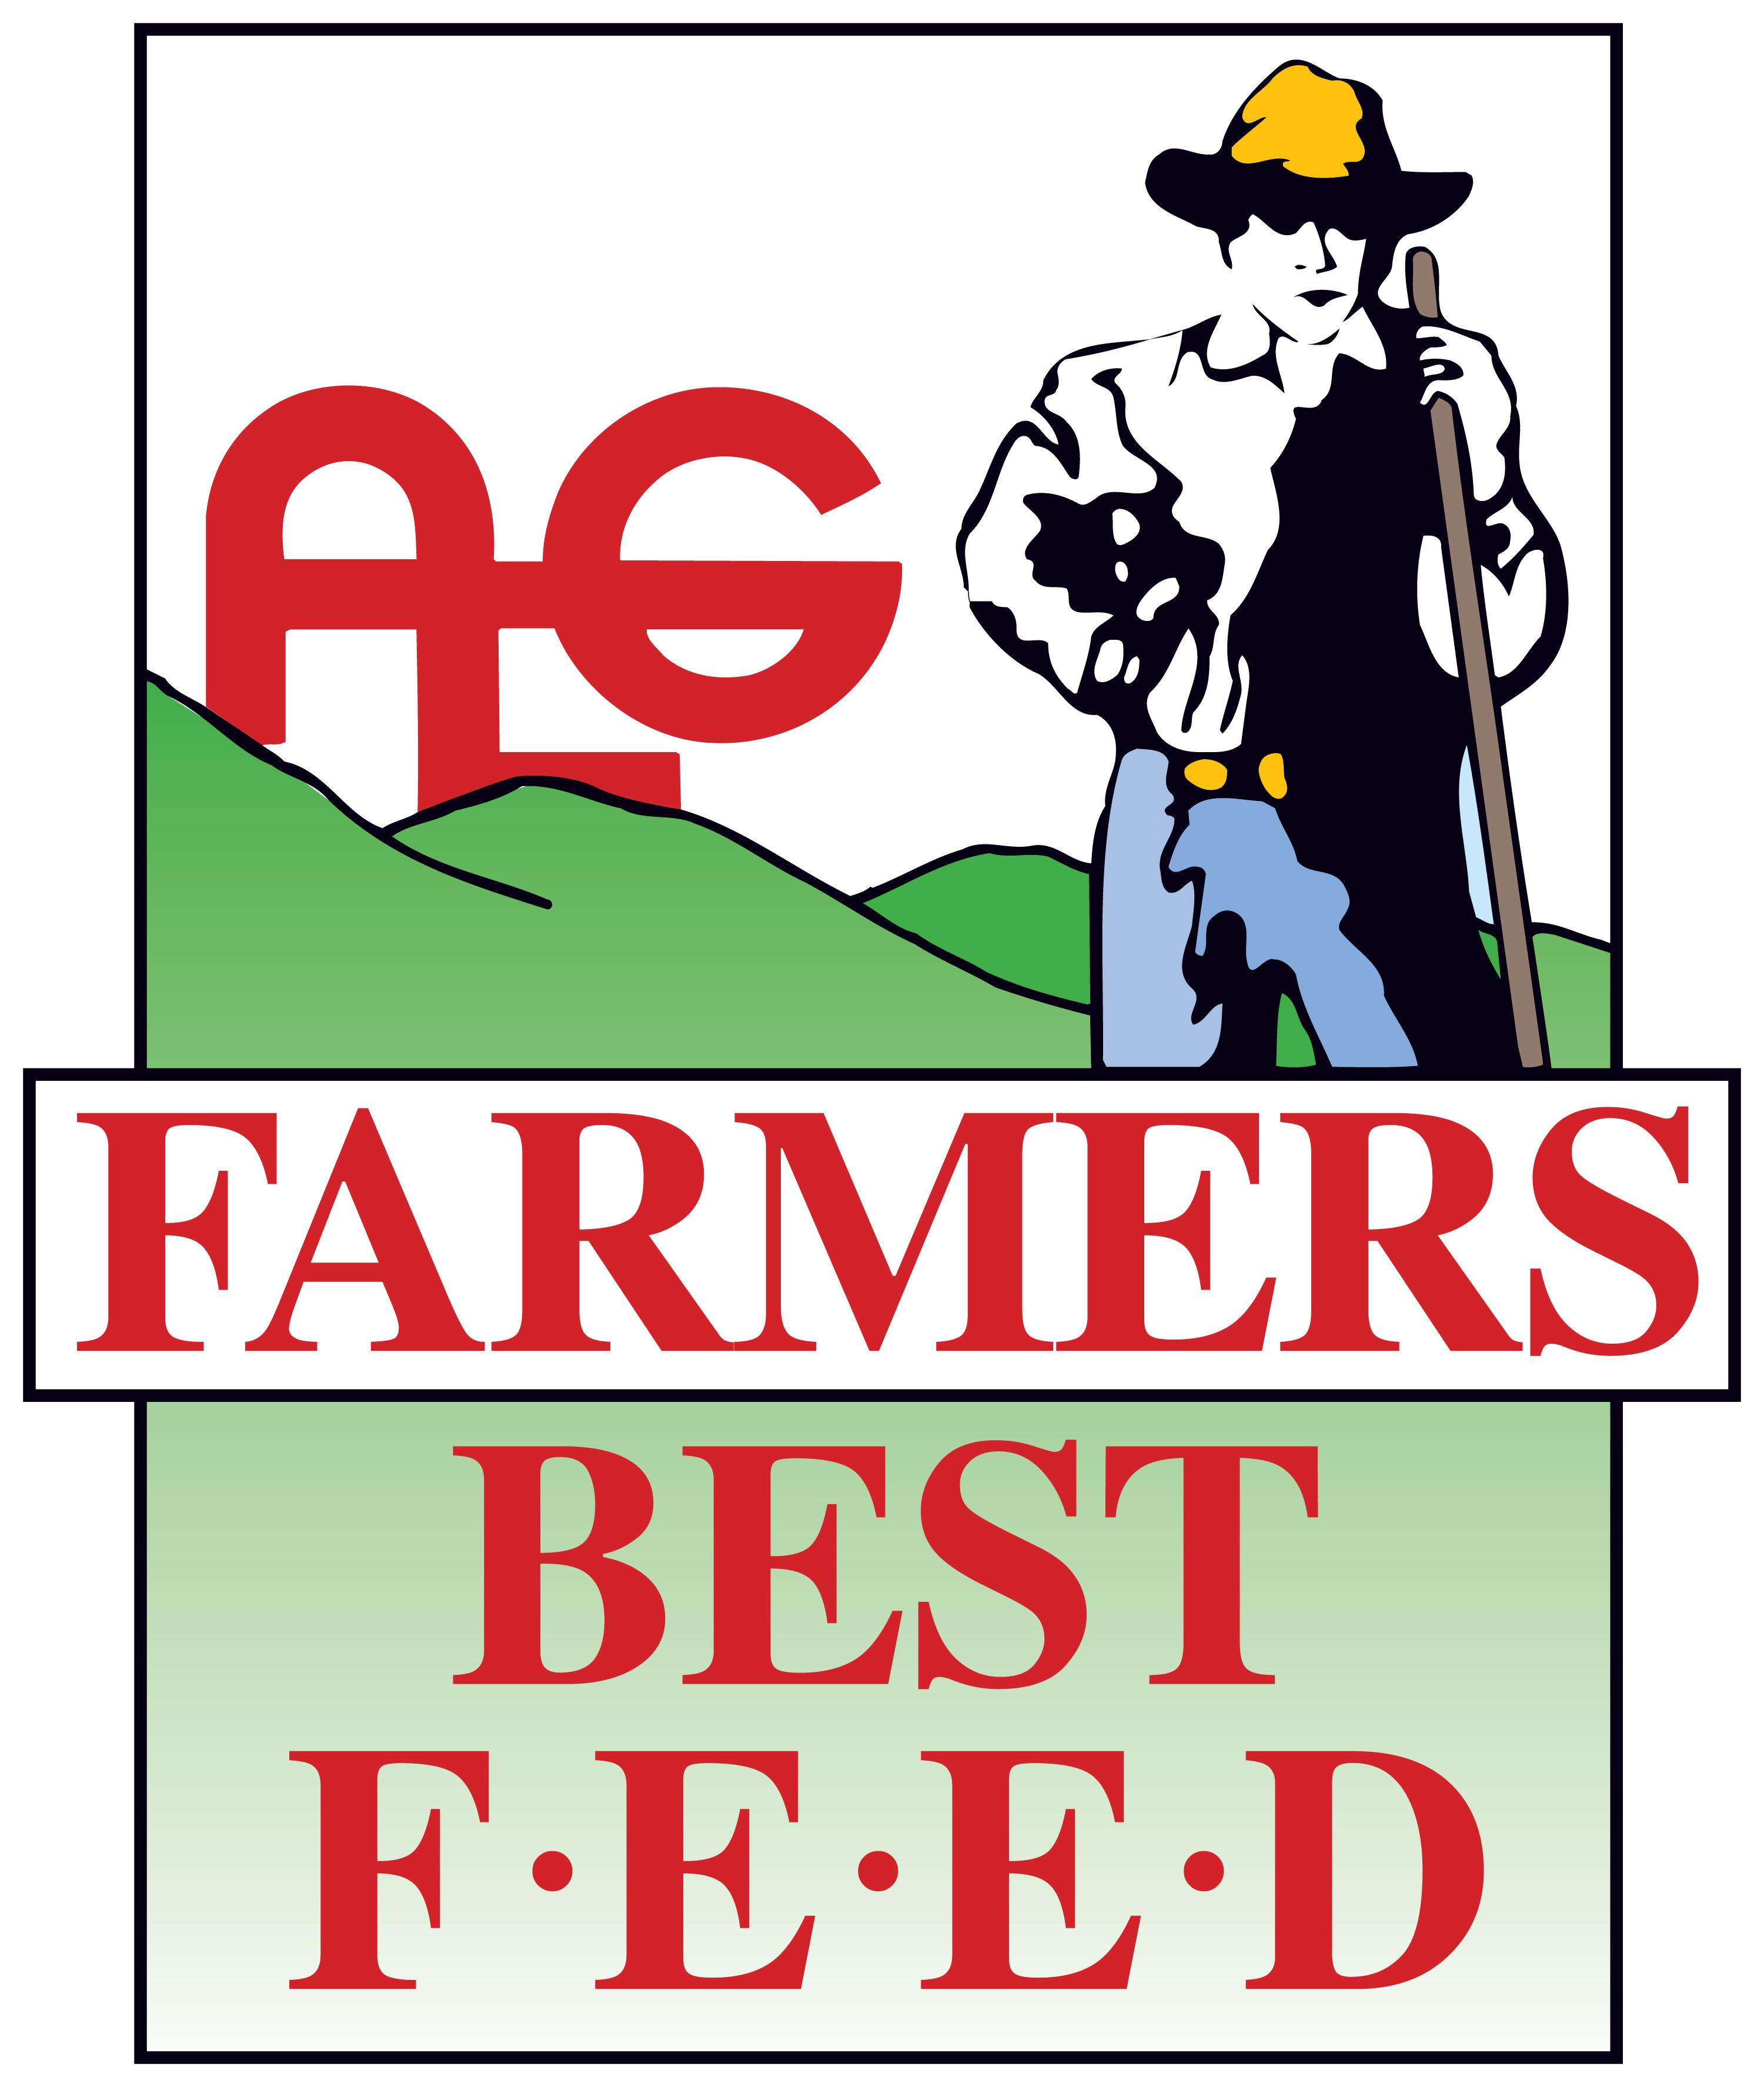 Farmer's Best Feed